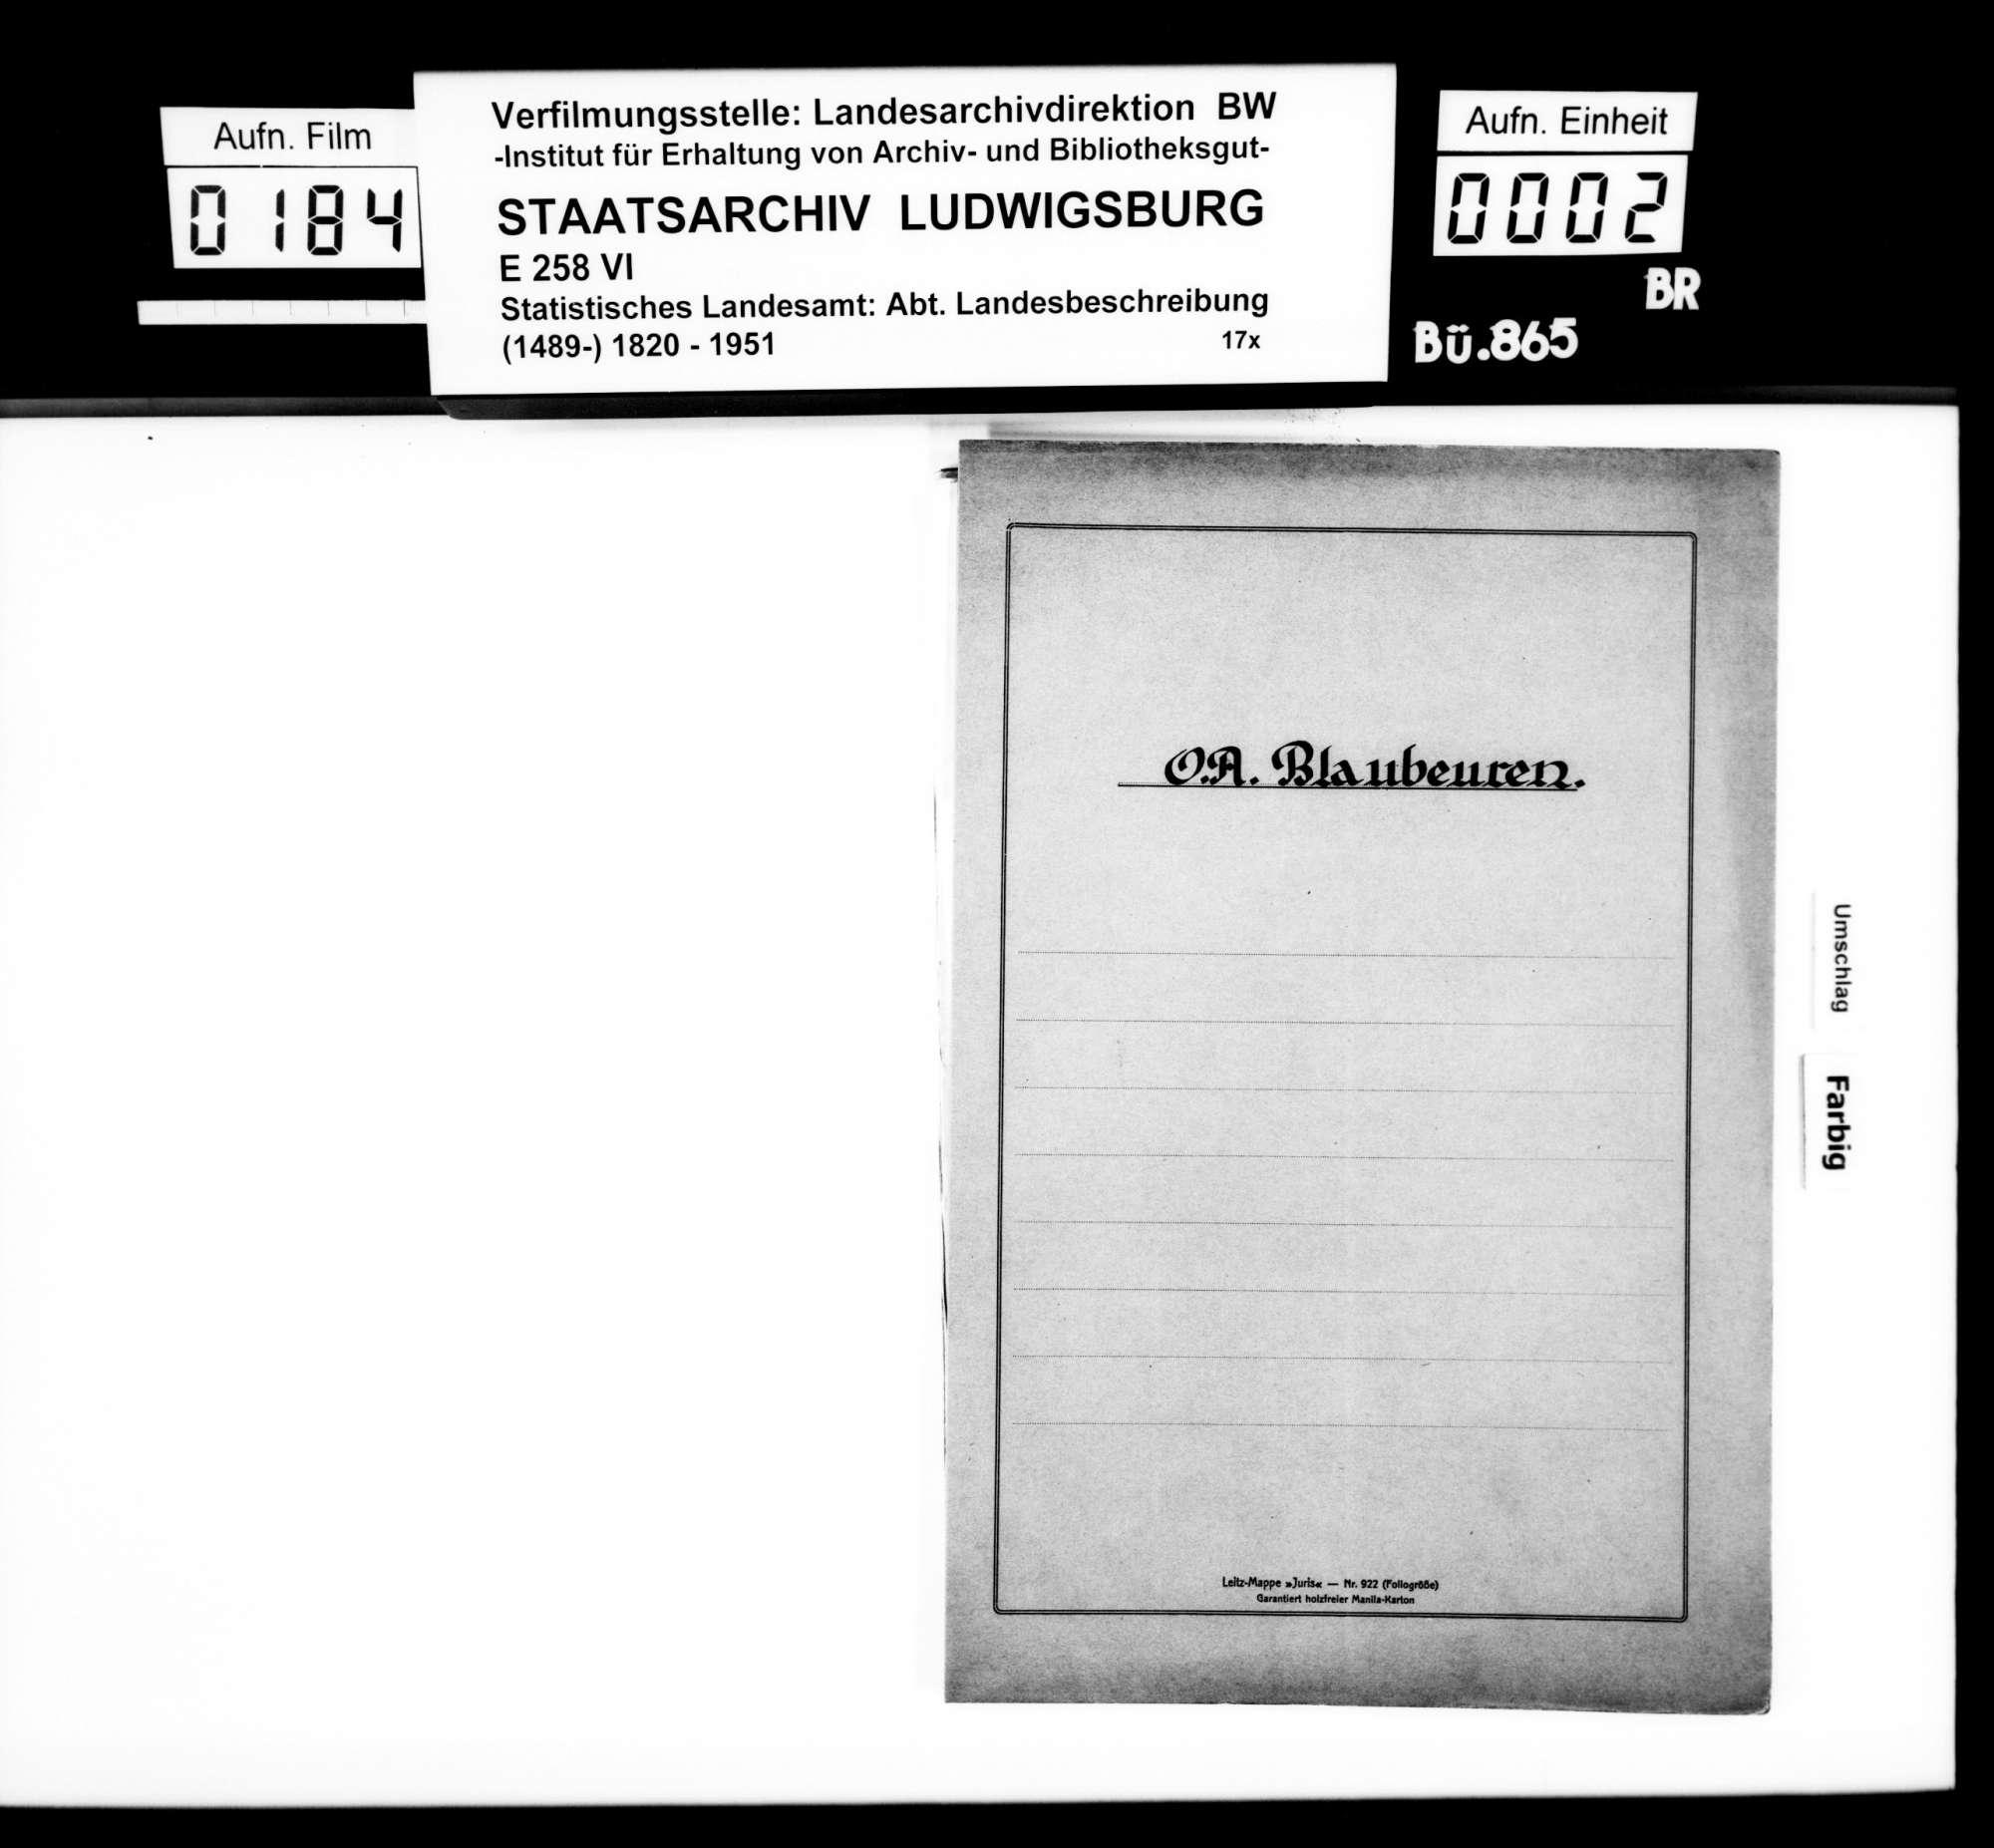 Materialsammlung des Statistischen Landesamts für eine Neubearbeitung der OAB, Bild 1